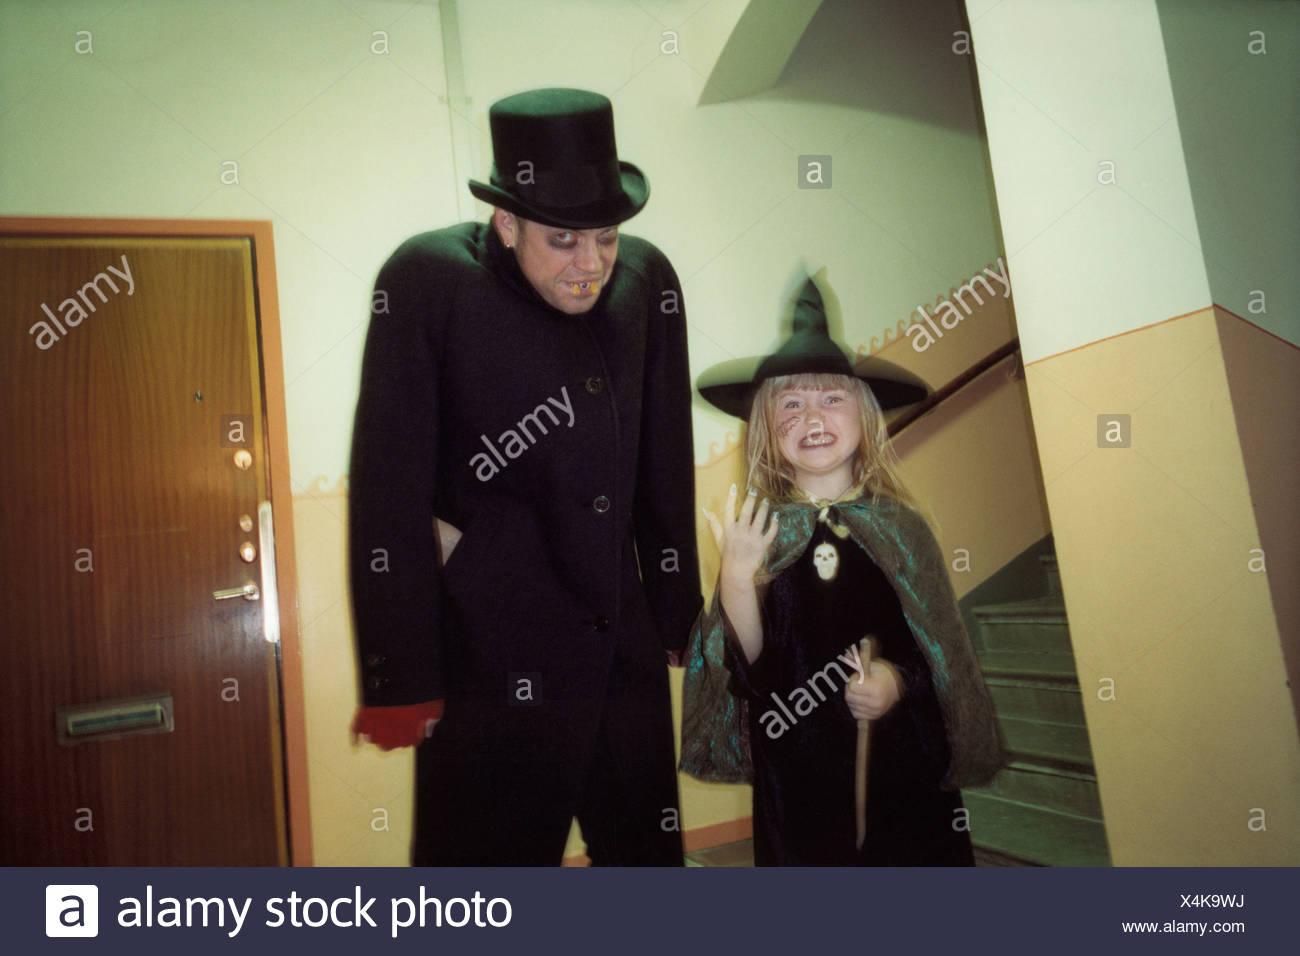 Ein Mann in einen Vampir-Kostüm und ein Mädchen in einem Hexenkostüm Stockbild